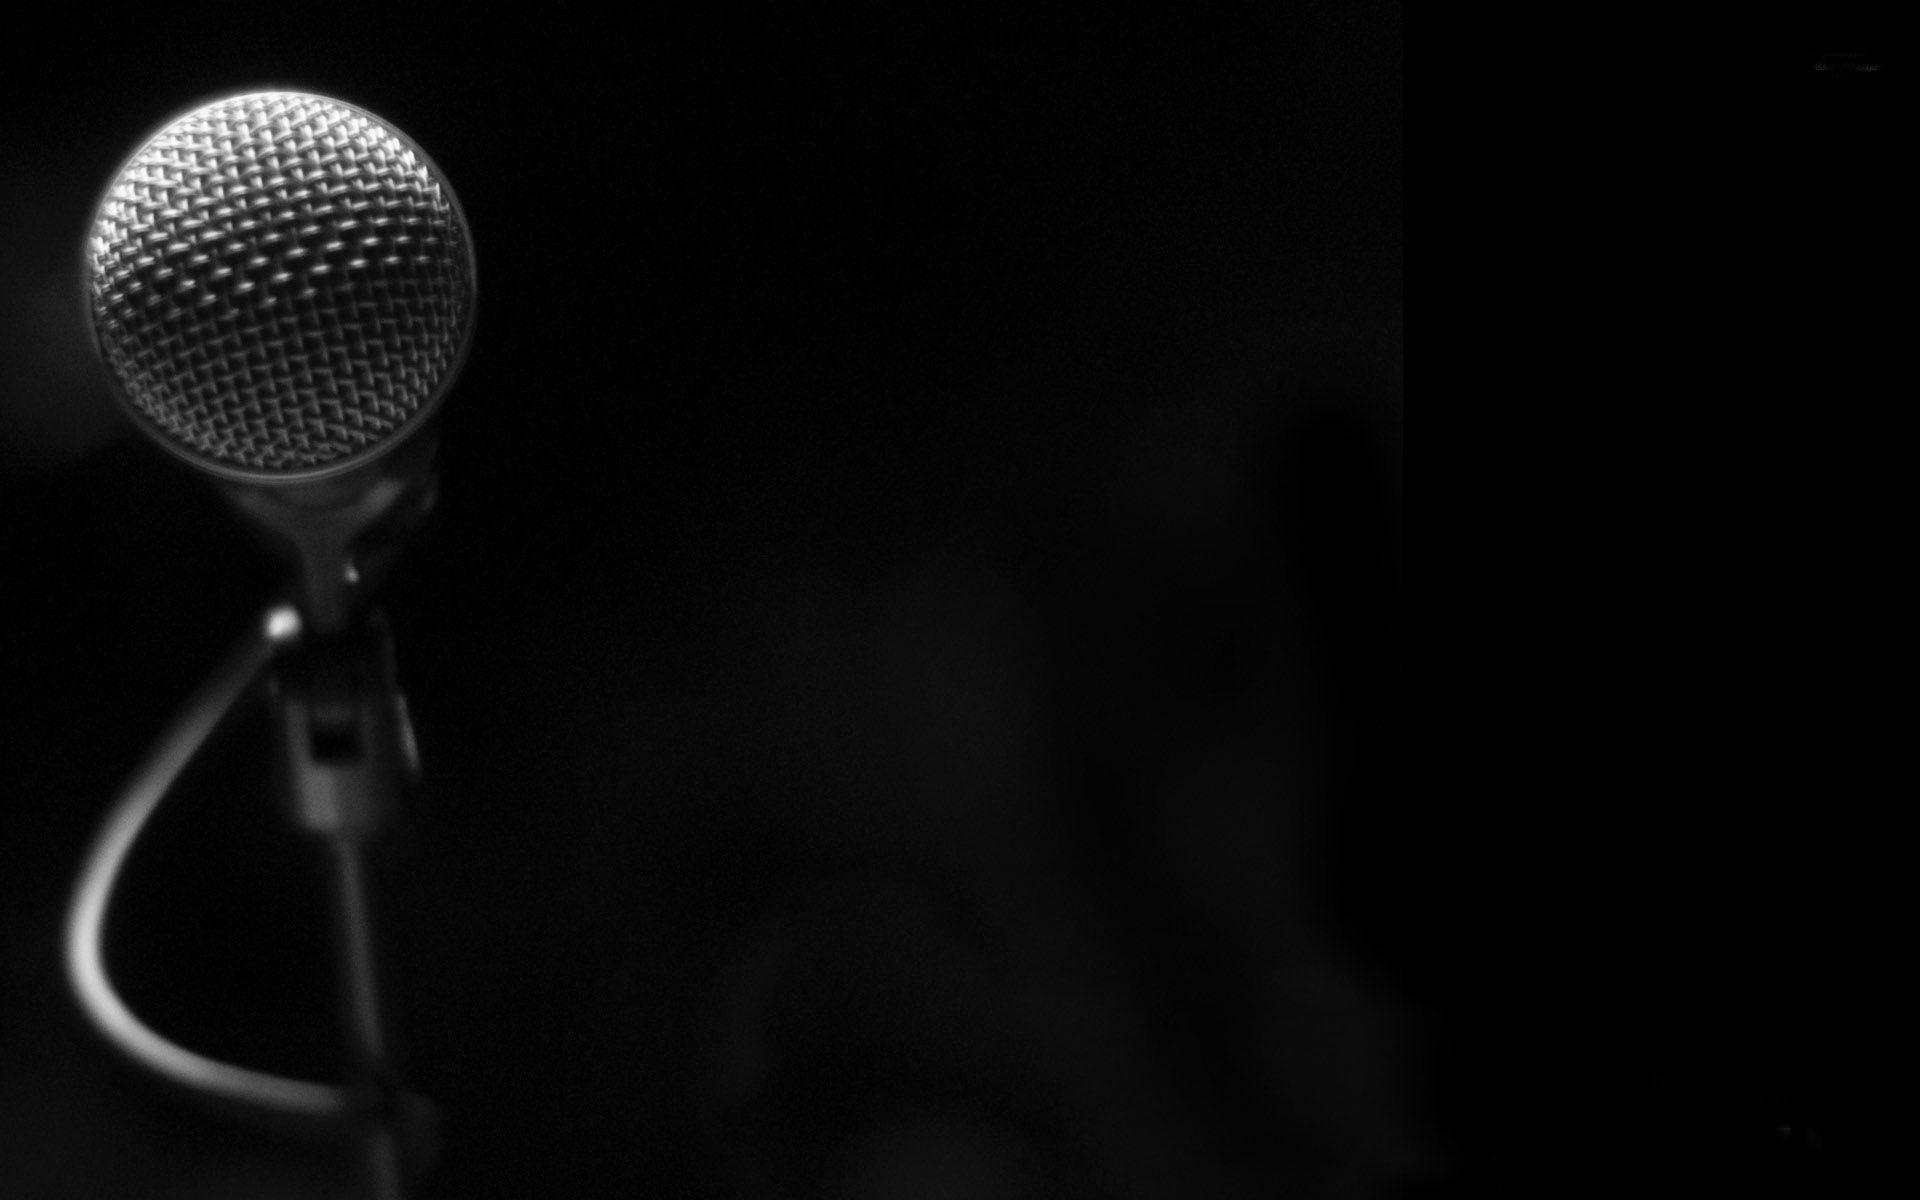 Microphone-music Theme Desktop Wallpaper Preview